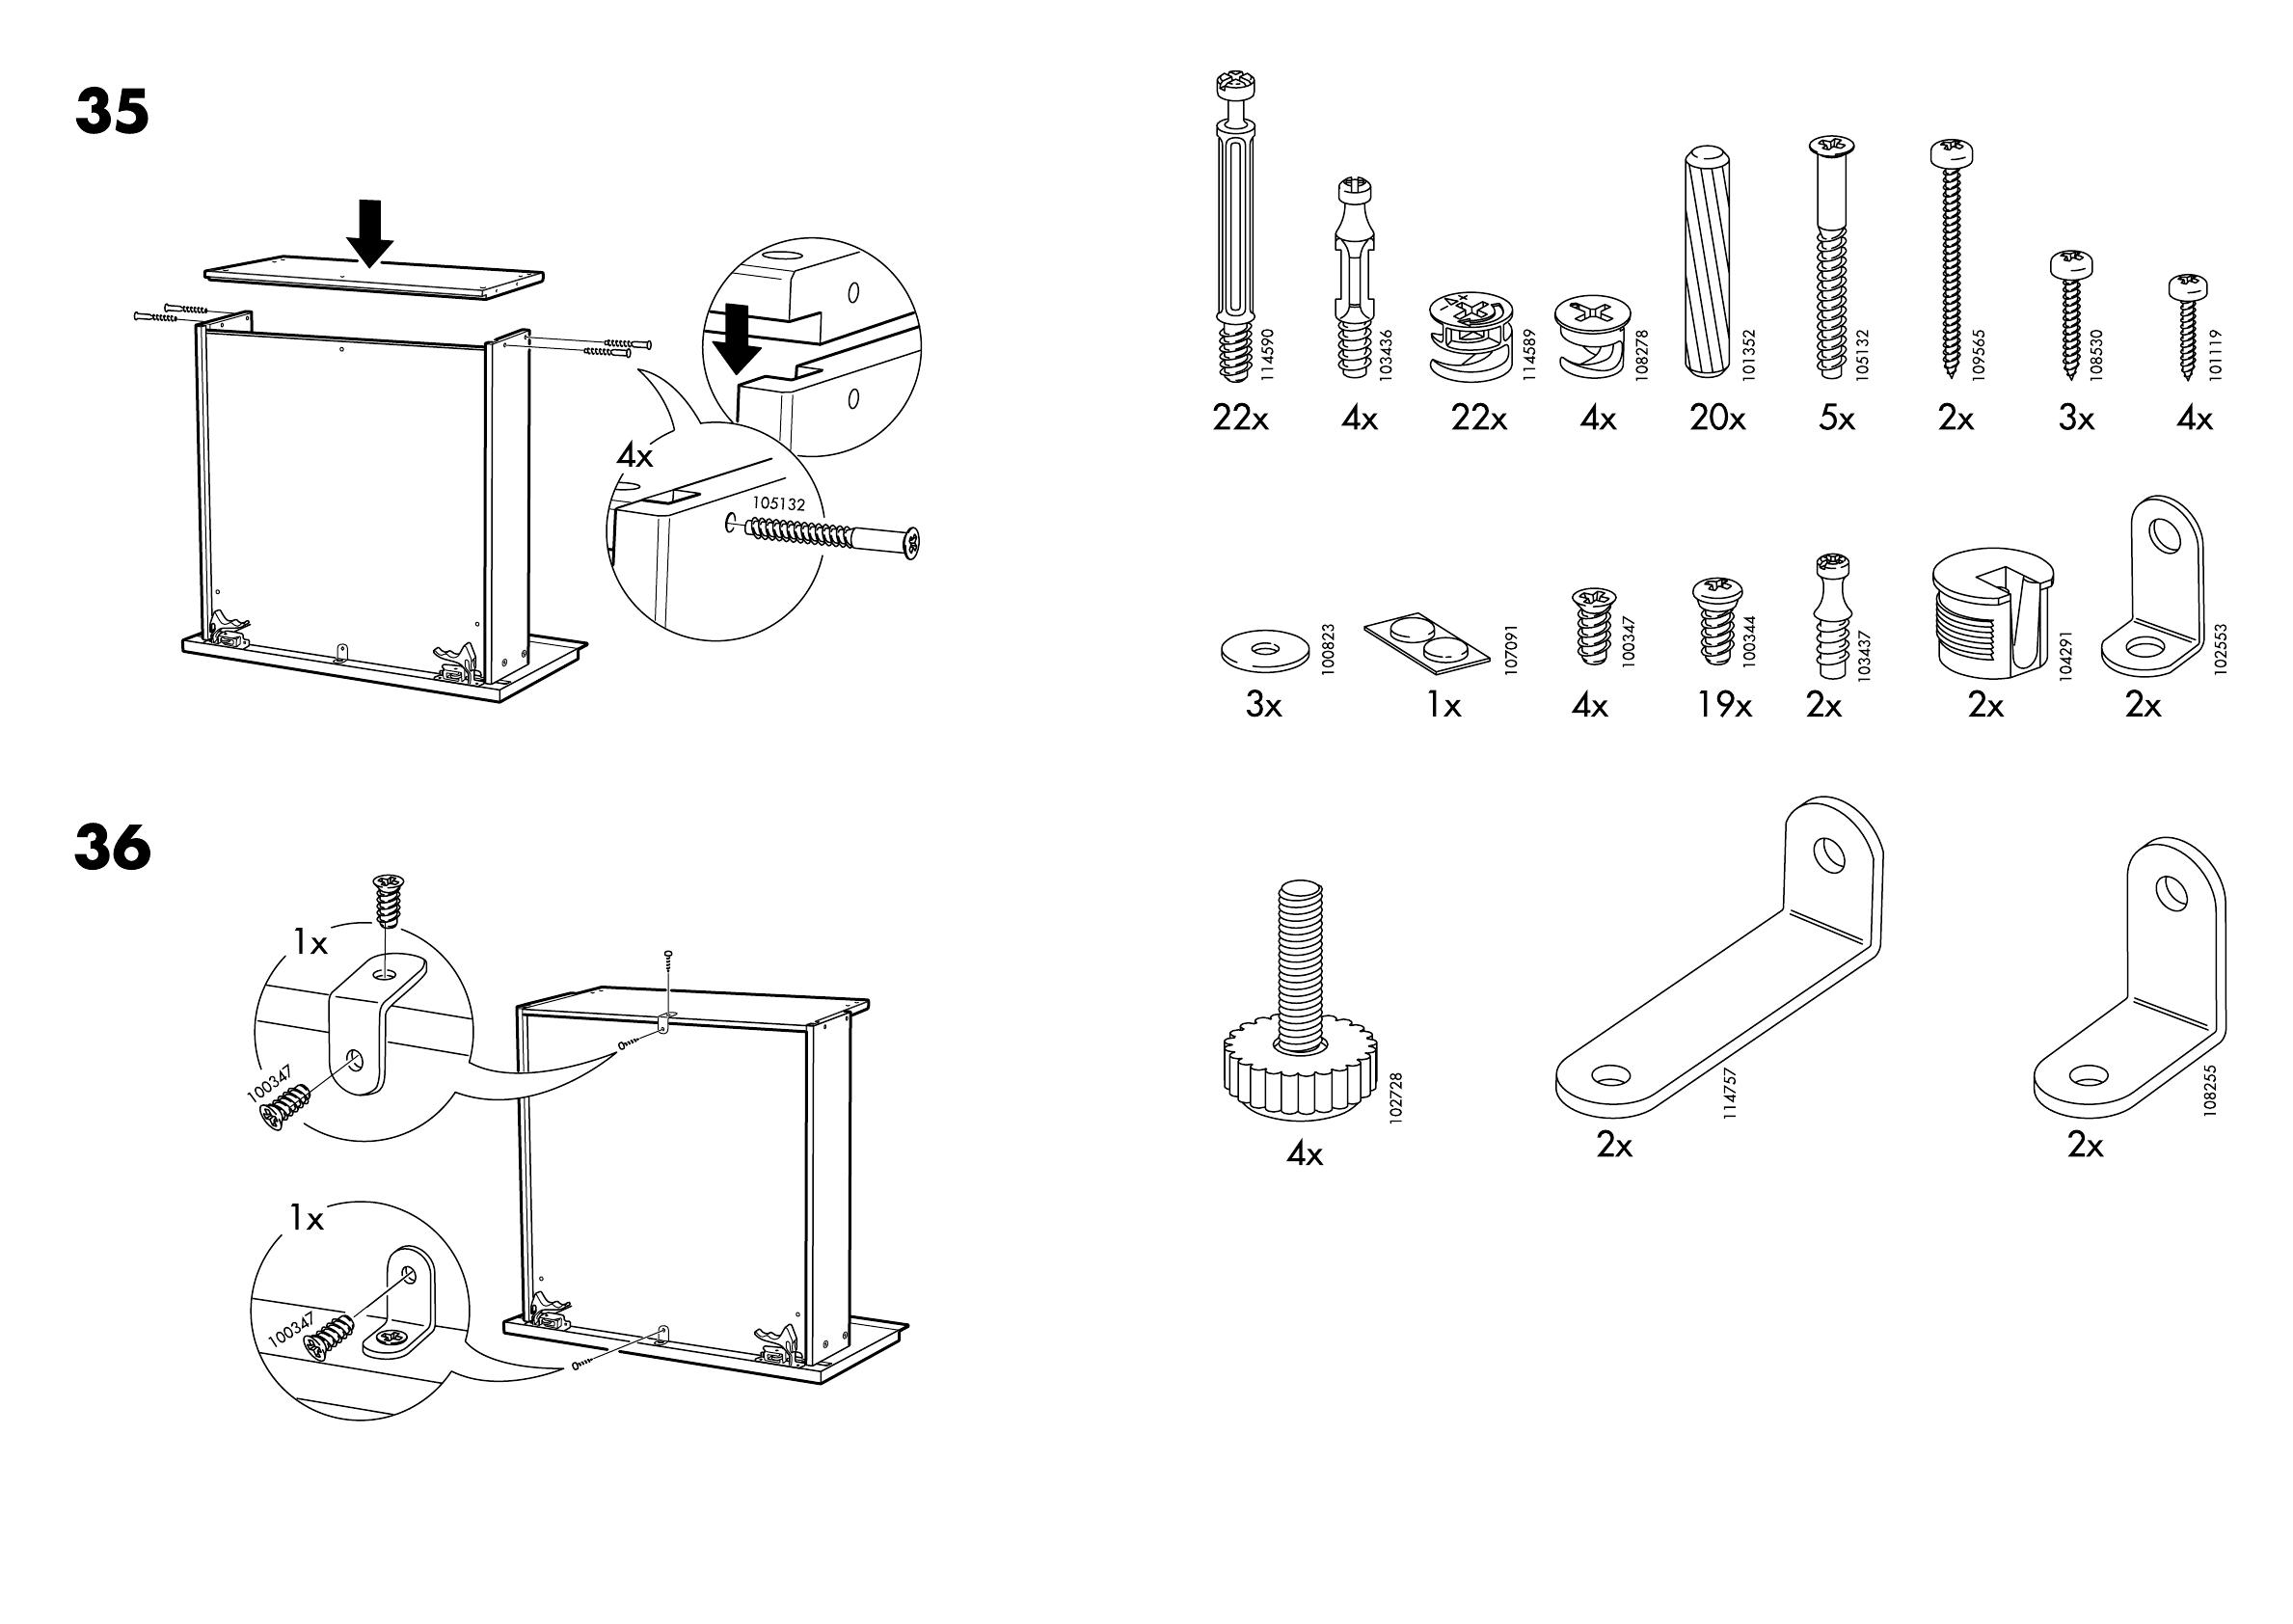 bedienungsanleitung ikea bravad seite 5 von 14 d nisch deutsch englisch spanisch. Black Bedroom Furniture Sets. Home Design Ideas